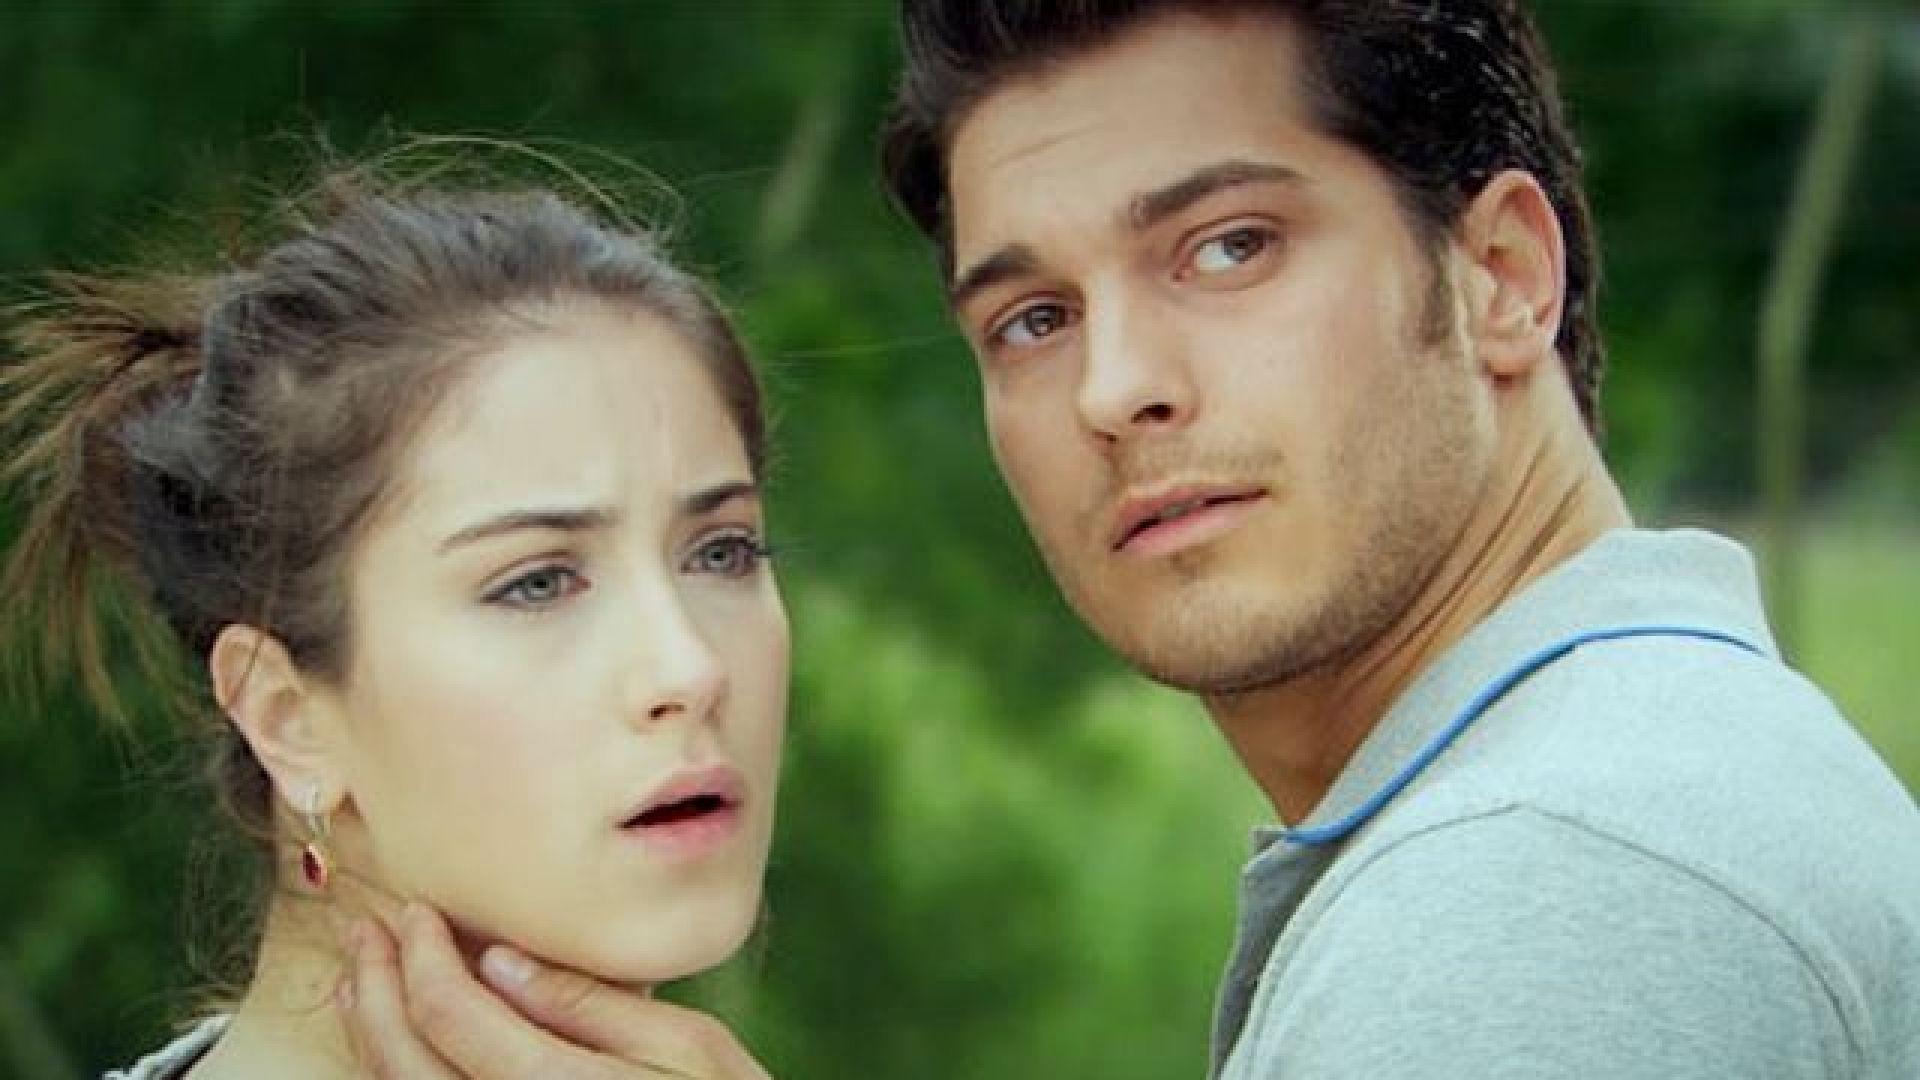 """Емир от сериала """"Огледален свят"""" и други турски знаменитости отиват в затвора"""